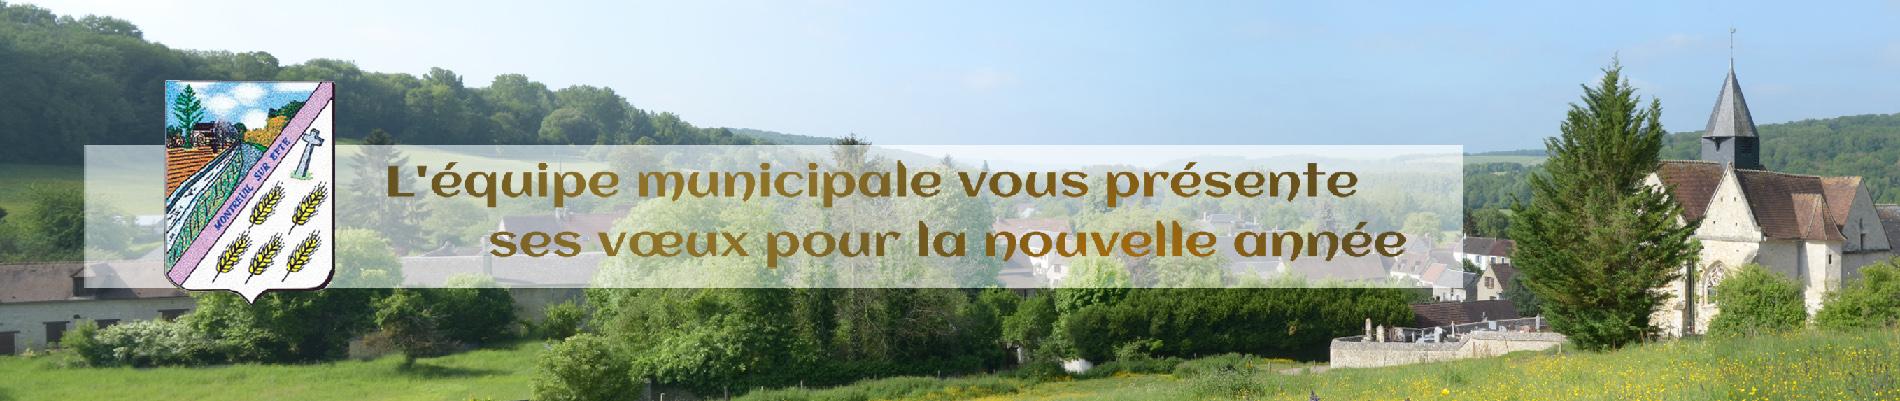 Montreuil-sur-Epte Val d'Oise